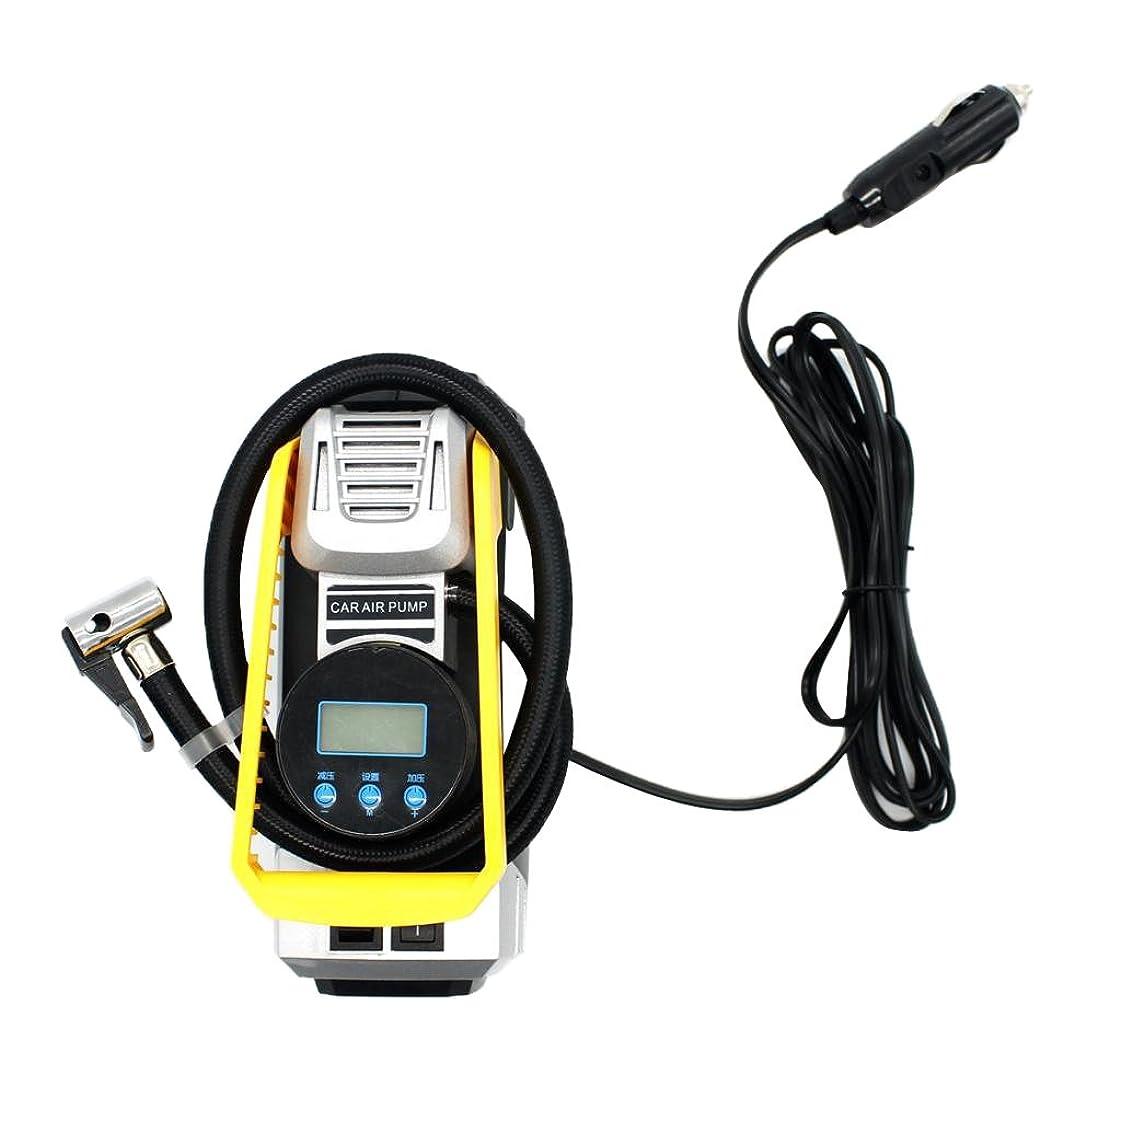 アナウンサー道徳教育めったにPerfeclan 電動エアーポンプ 自動空気入れ 空気圧測定 携帯便利 高品質 金属 エアコンプレッサー 照明付き